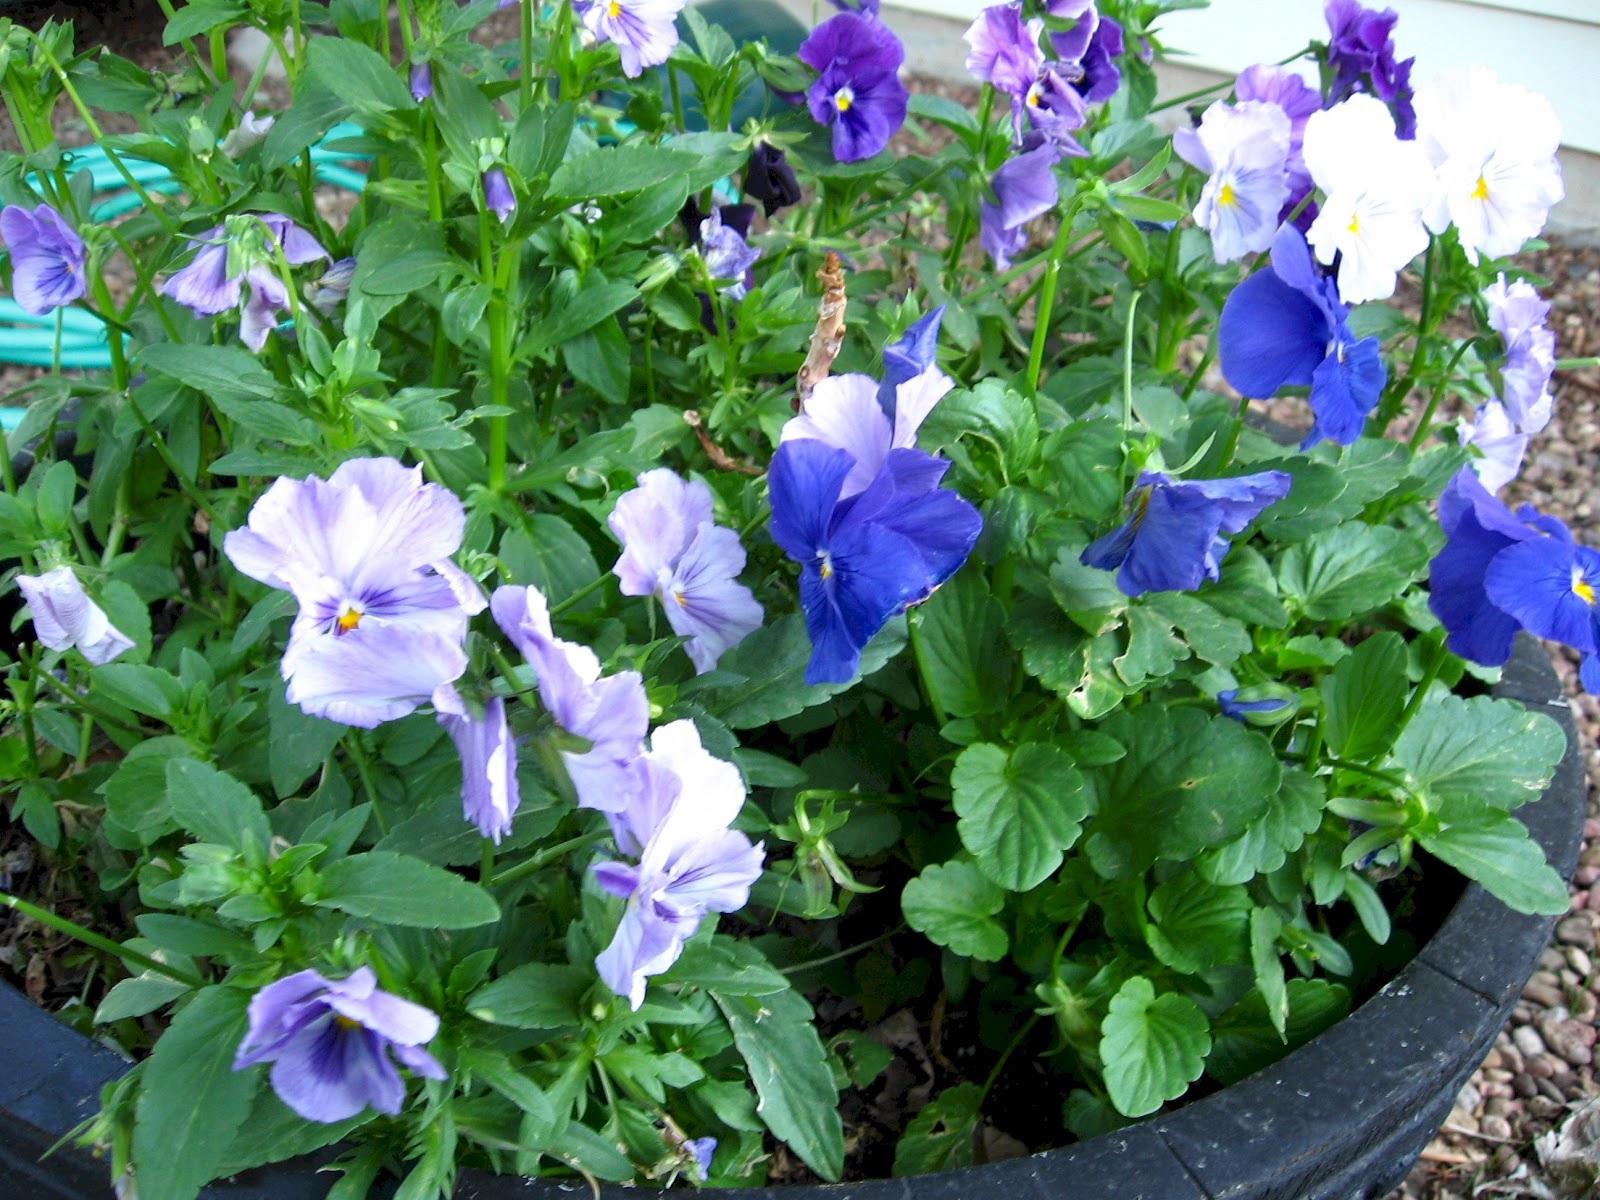 Kansas Gardener Favorite Flowers Pansies